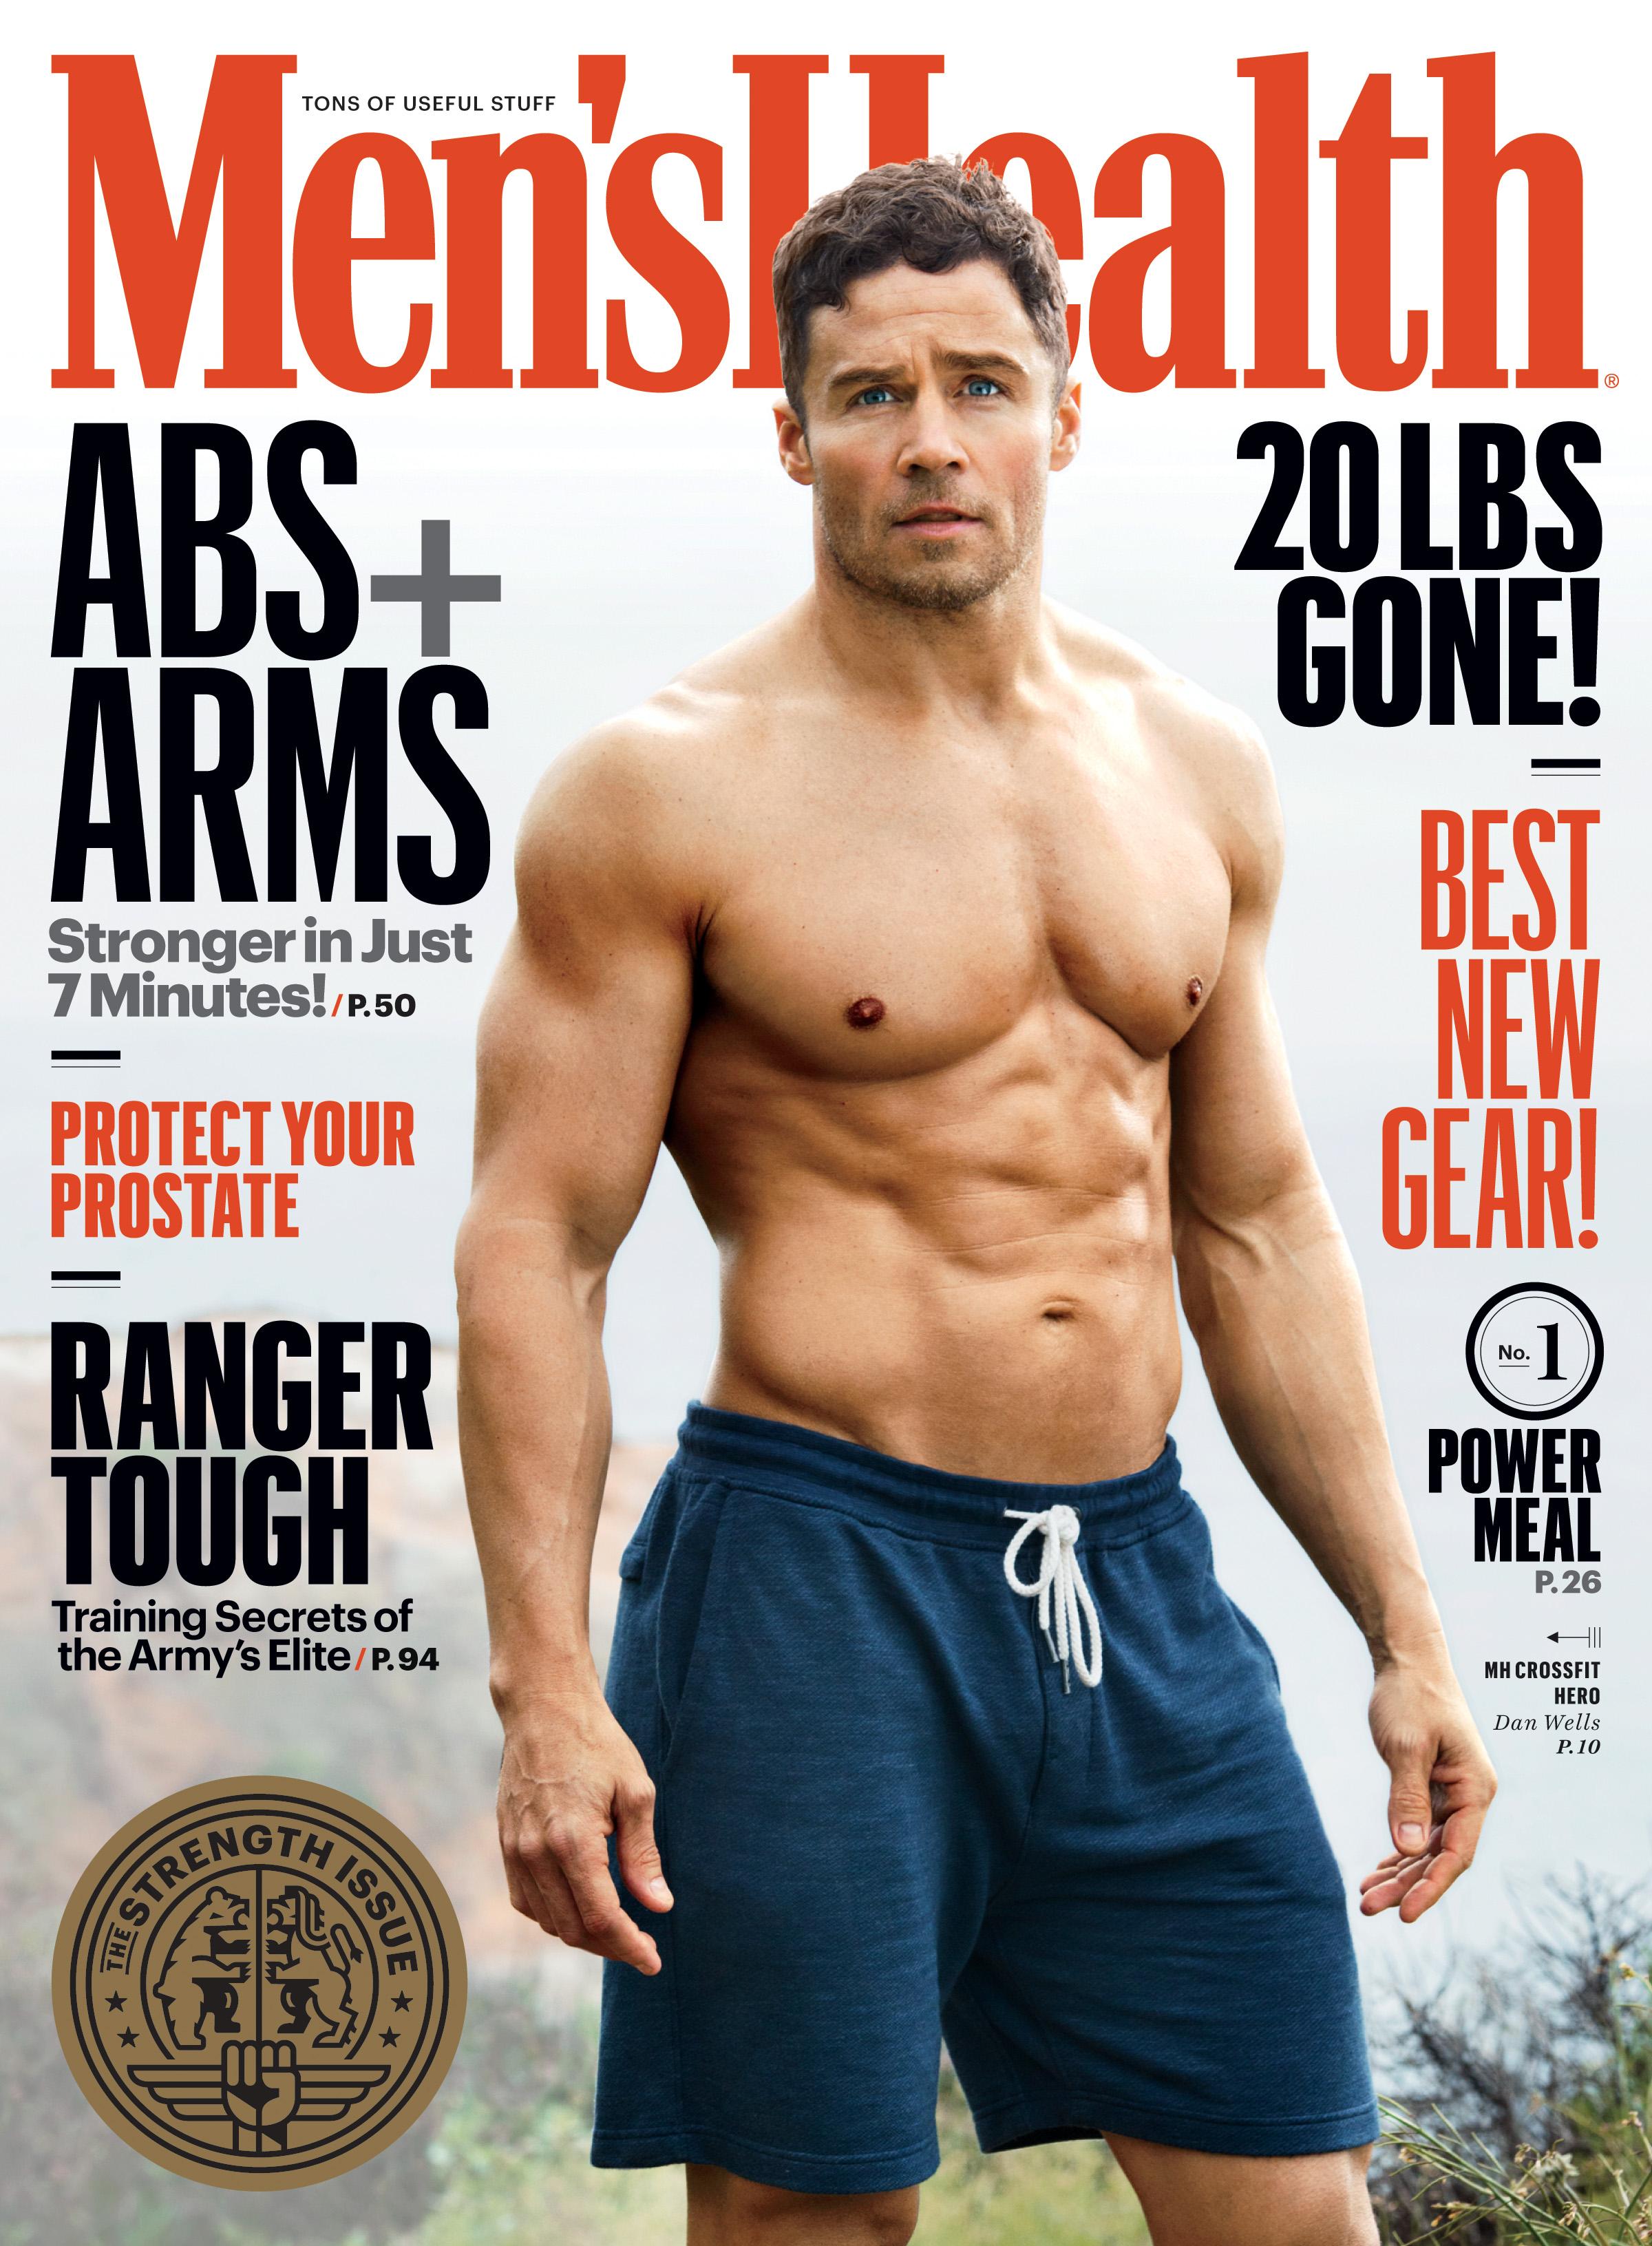 Mens Health Magazine President Barack Obama Instant Energy: Men's Health Undergoes Editorial Revamp